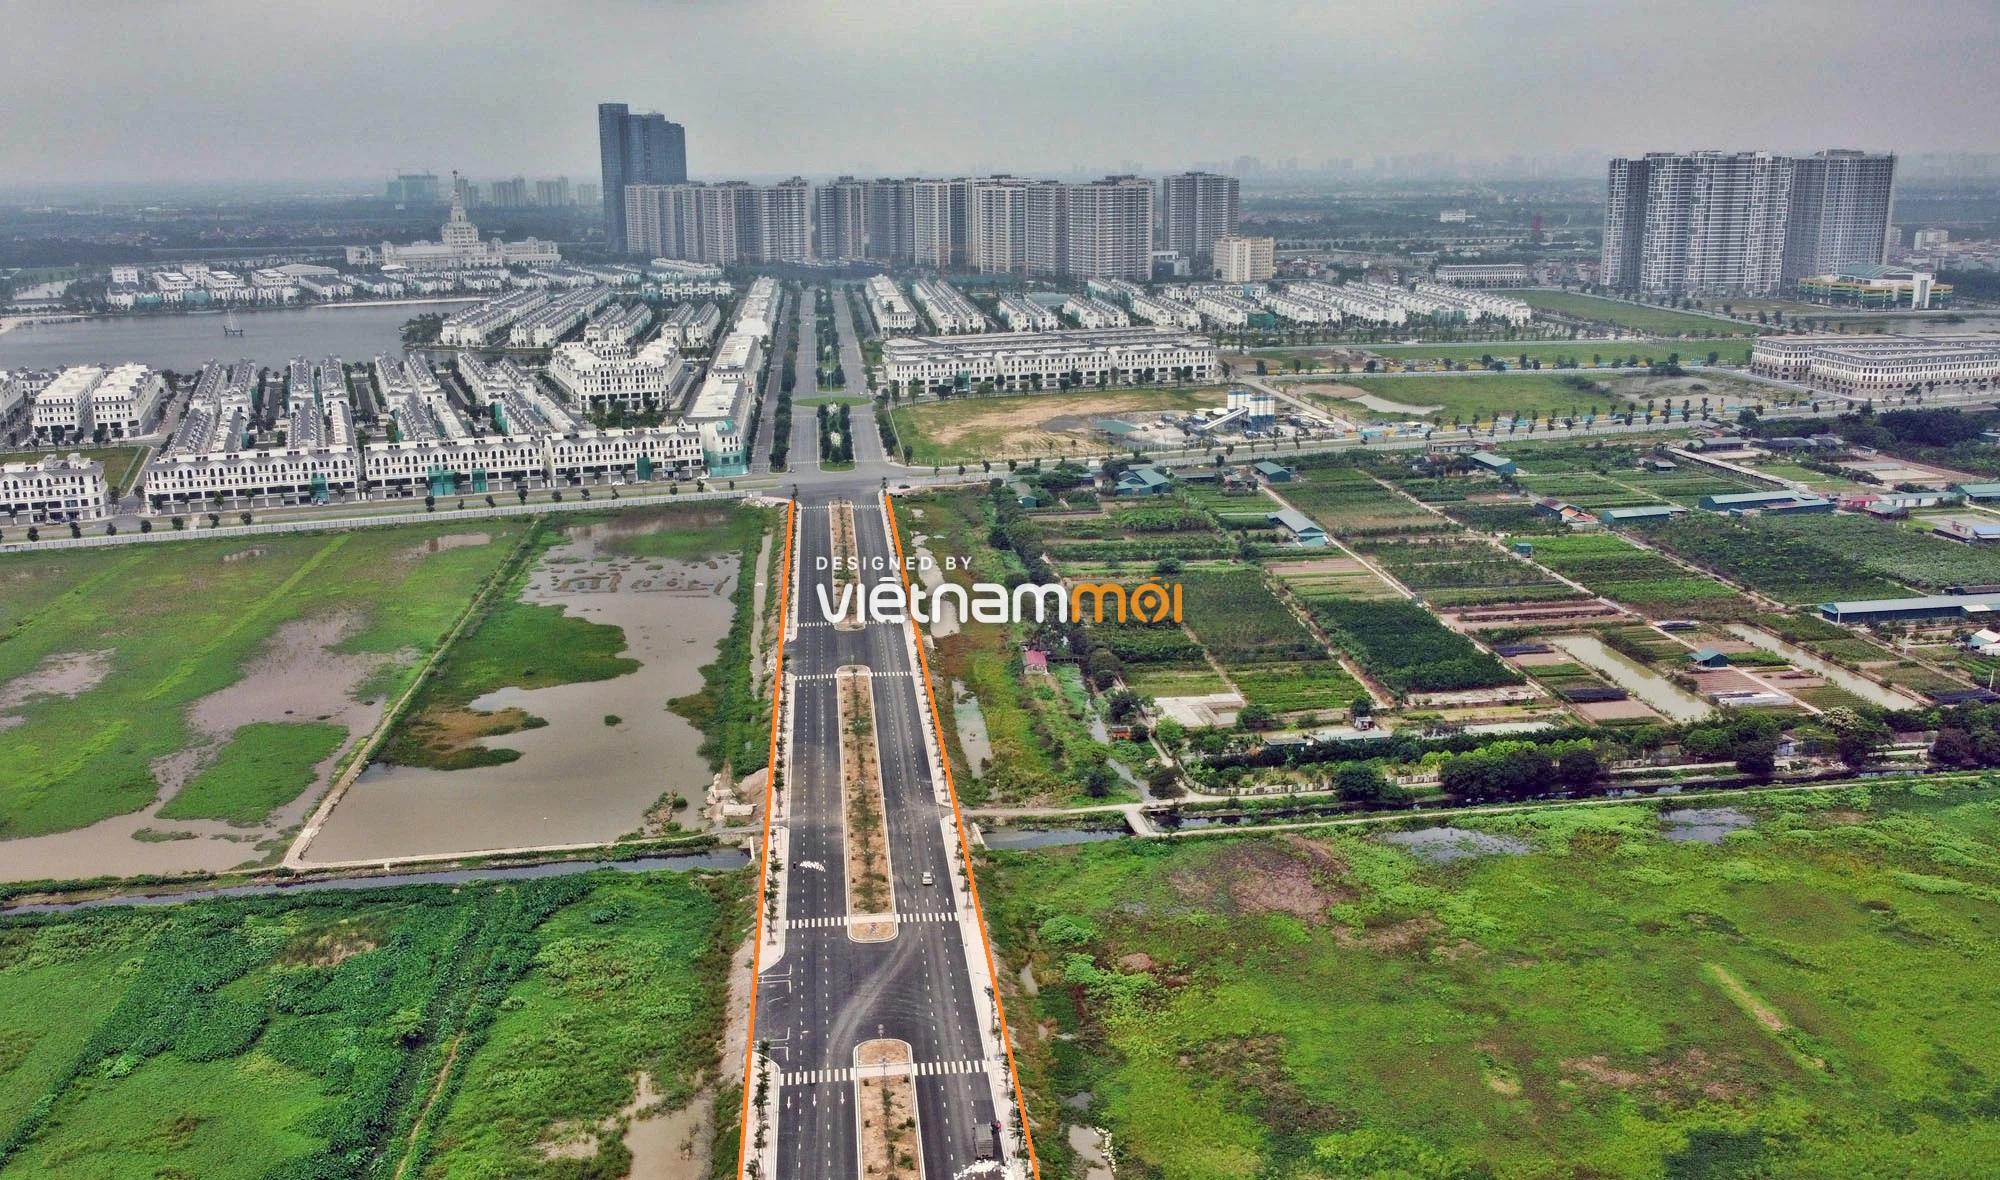 Toàn cảnh đường nối Vinhomes Ocean Park với ga Phú Thụy đang mở theo quy hoạch ở Hà Nội - Ảnh 3.